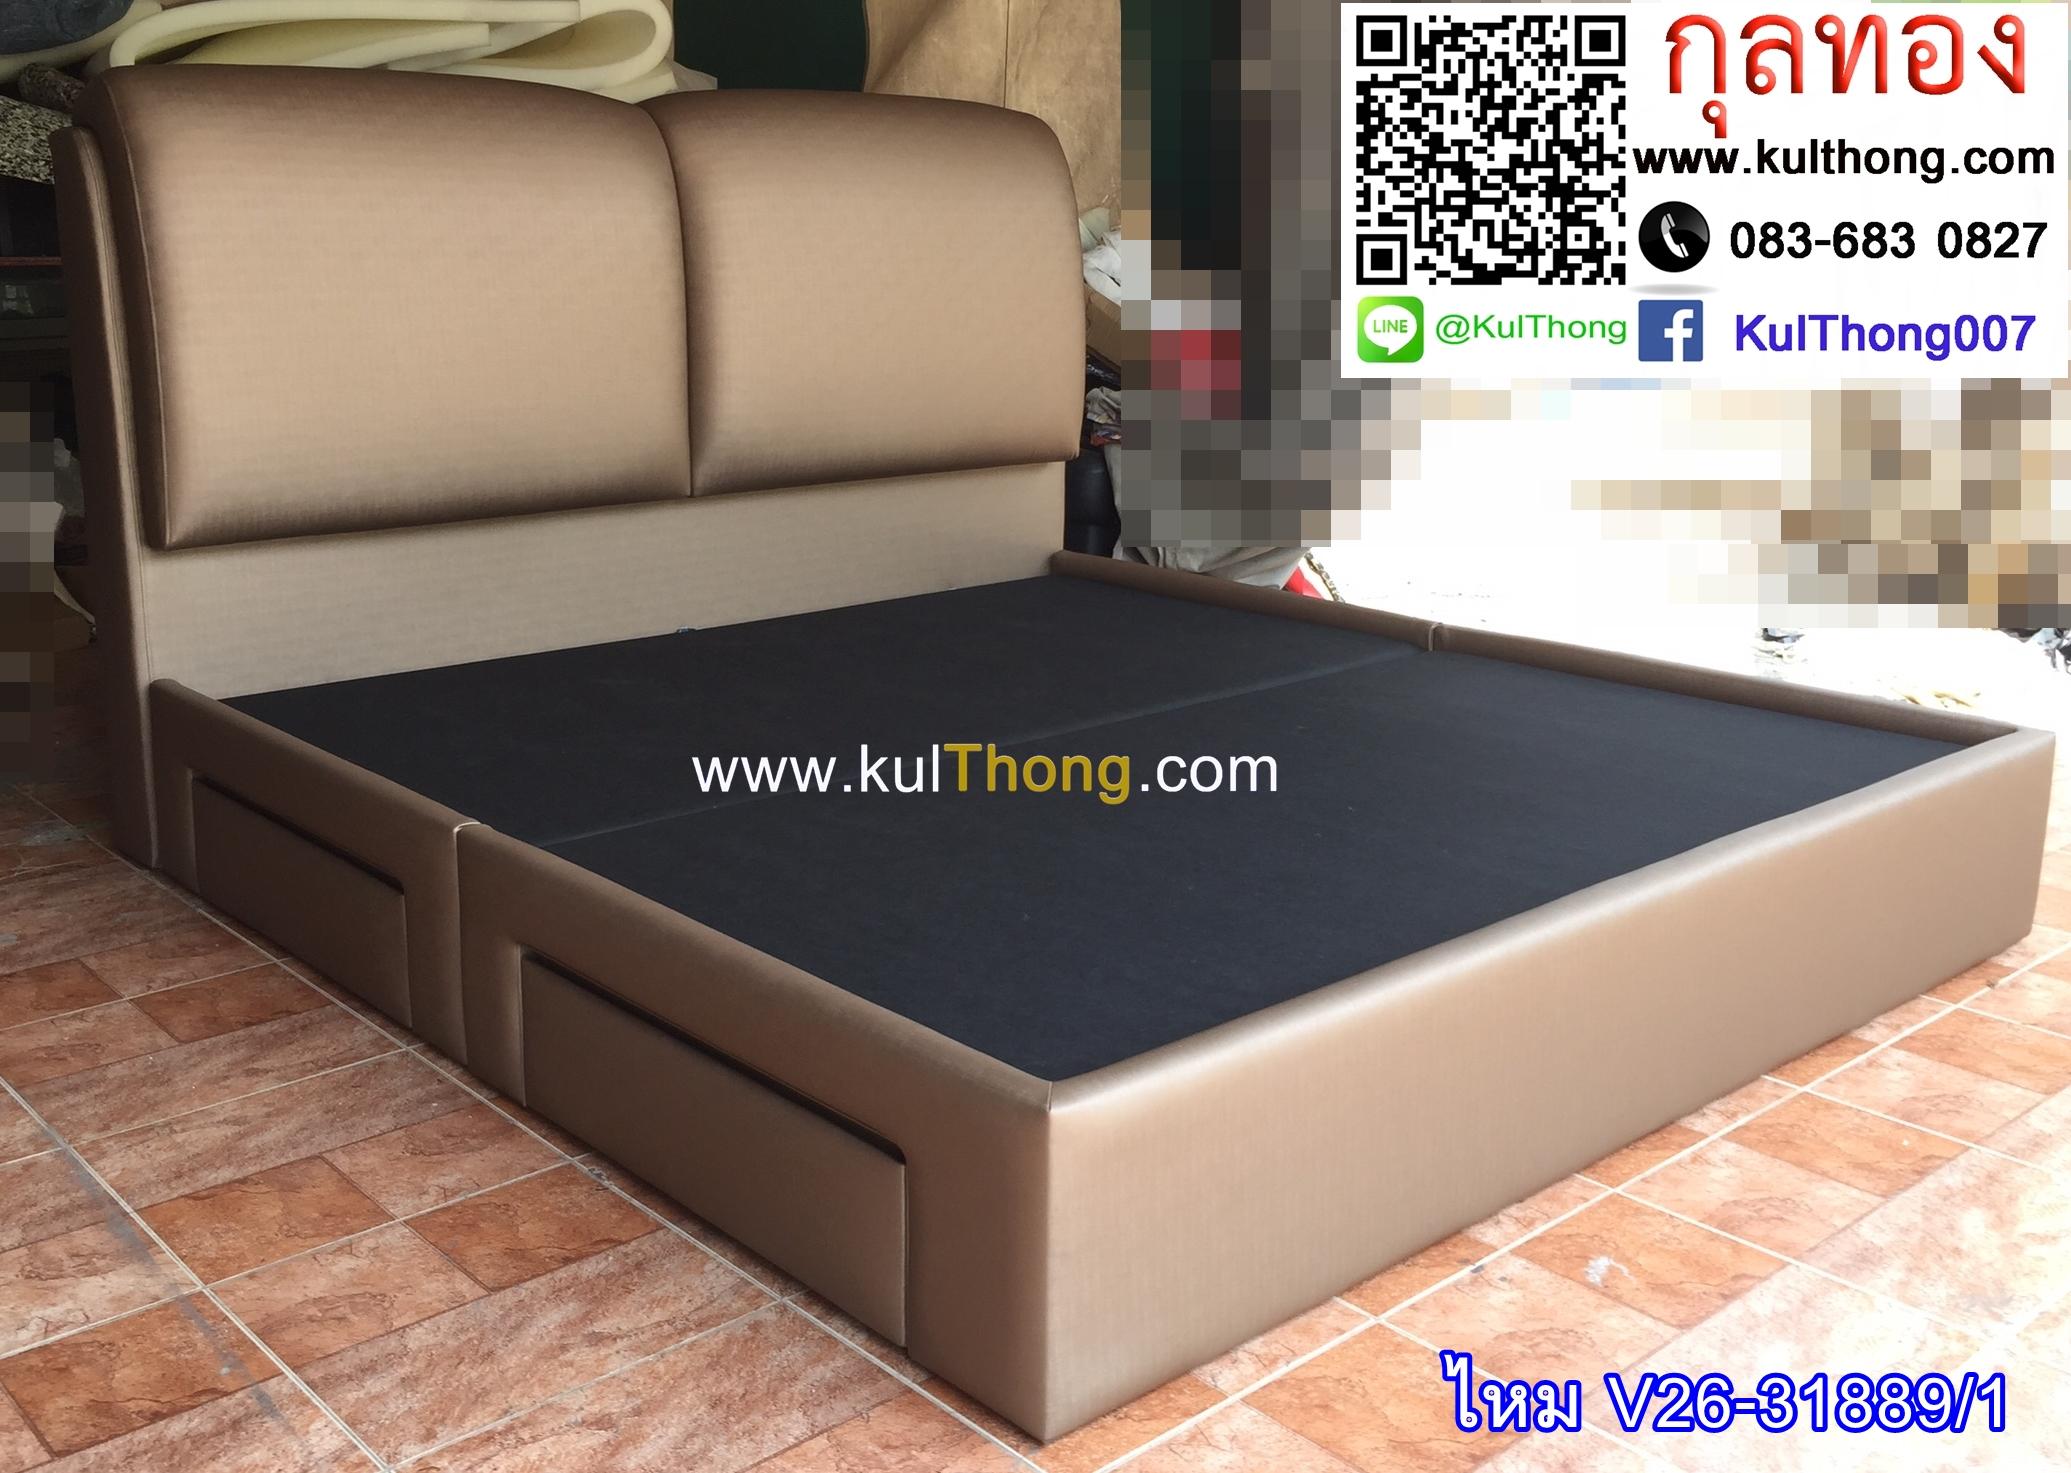 โรงงานผลิตและจำหน่ายที่นอน เตียงหัวบุนวม ฐานเตียงหัวนวม เตียงหุ้มหนังแบบมีหัวเตียง เตียงเก็บของ